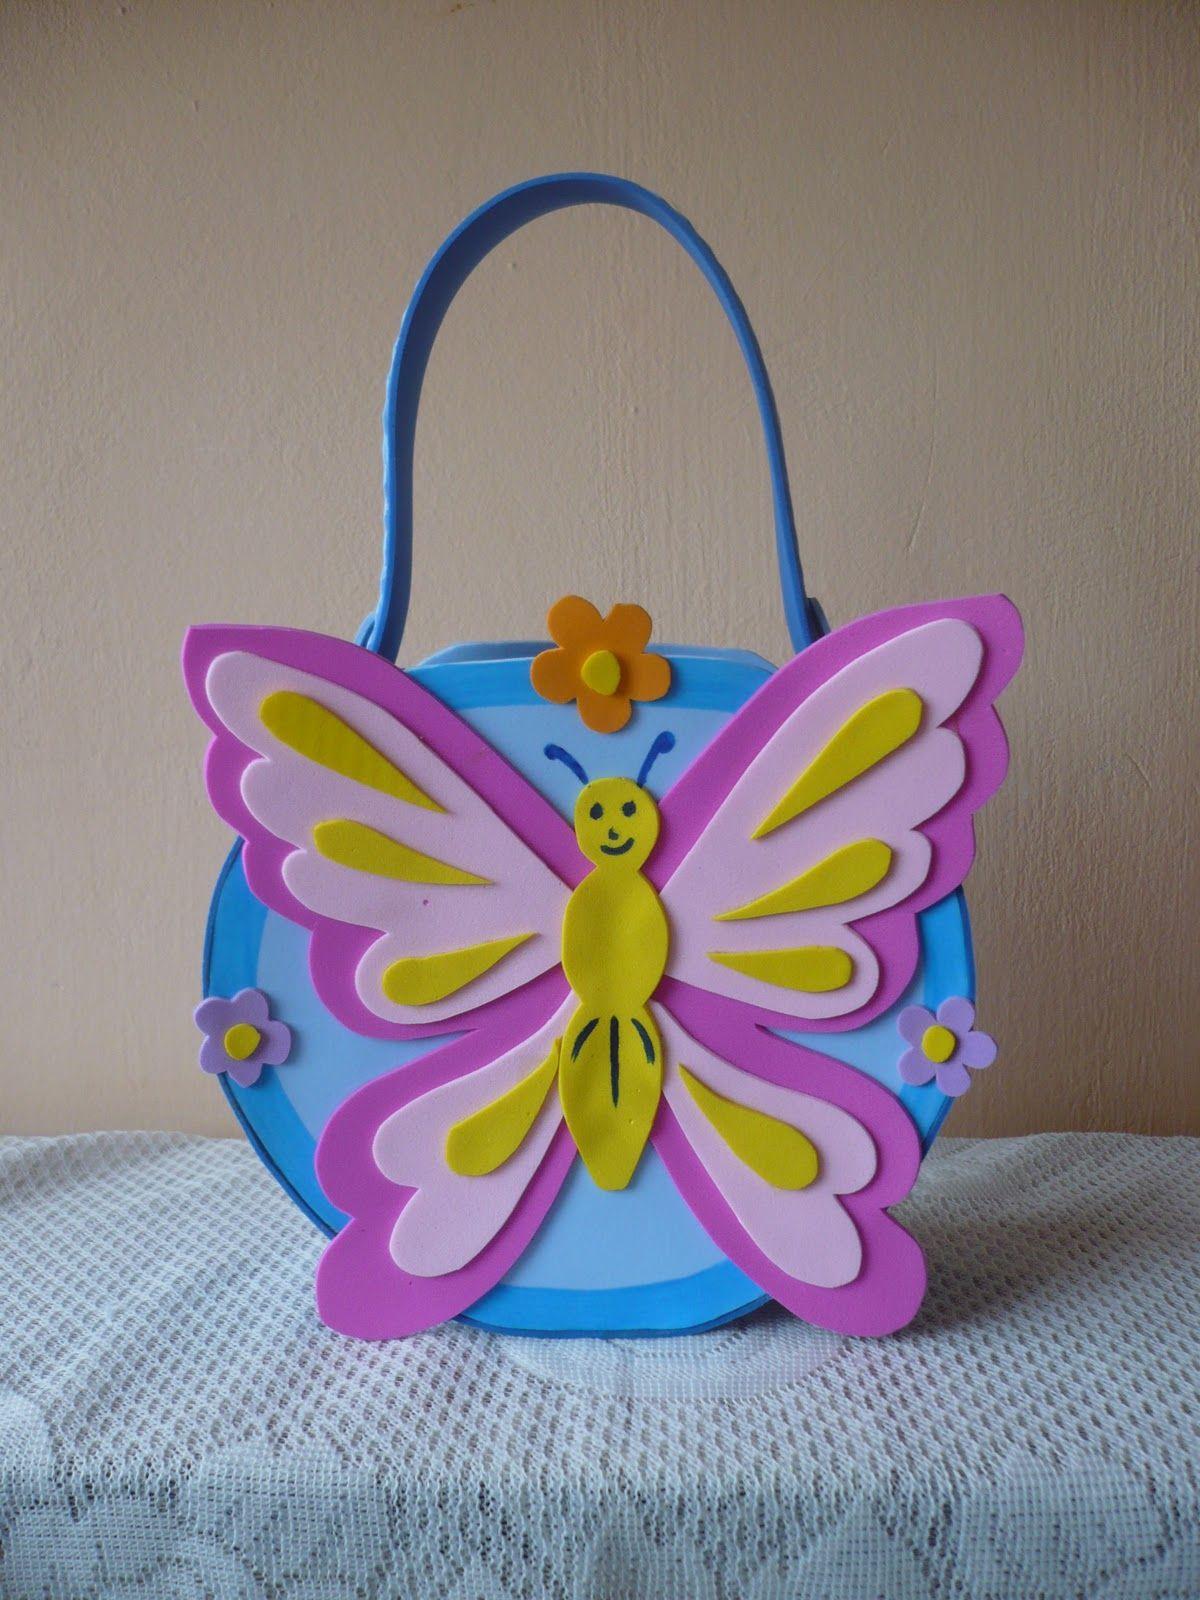 Fomi moldes mariposas de fomi manualidades infantiles - Como hacer mariposas de goma eva ...